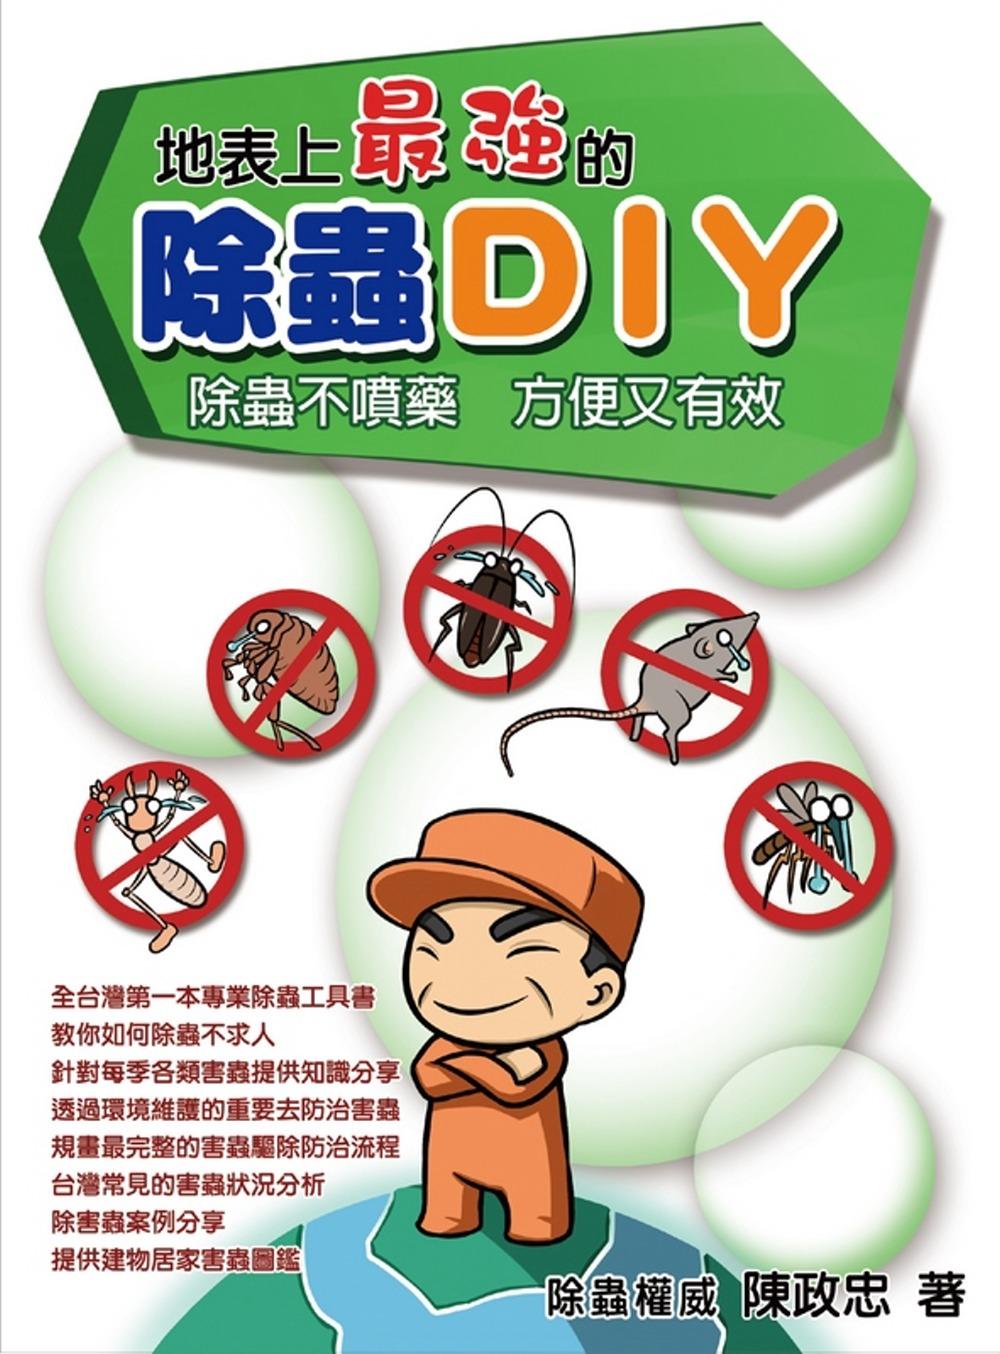 地表最強的除蟲DIY:除蟲不噴藥,方便又有效